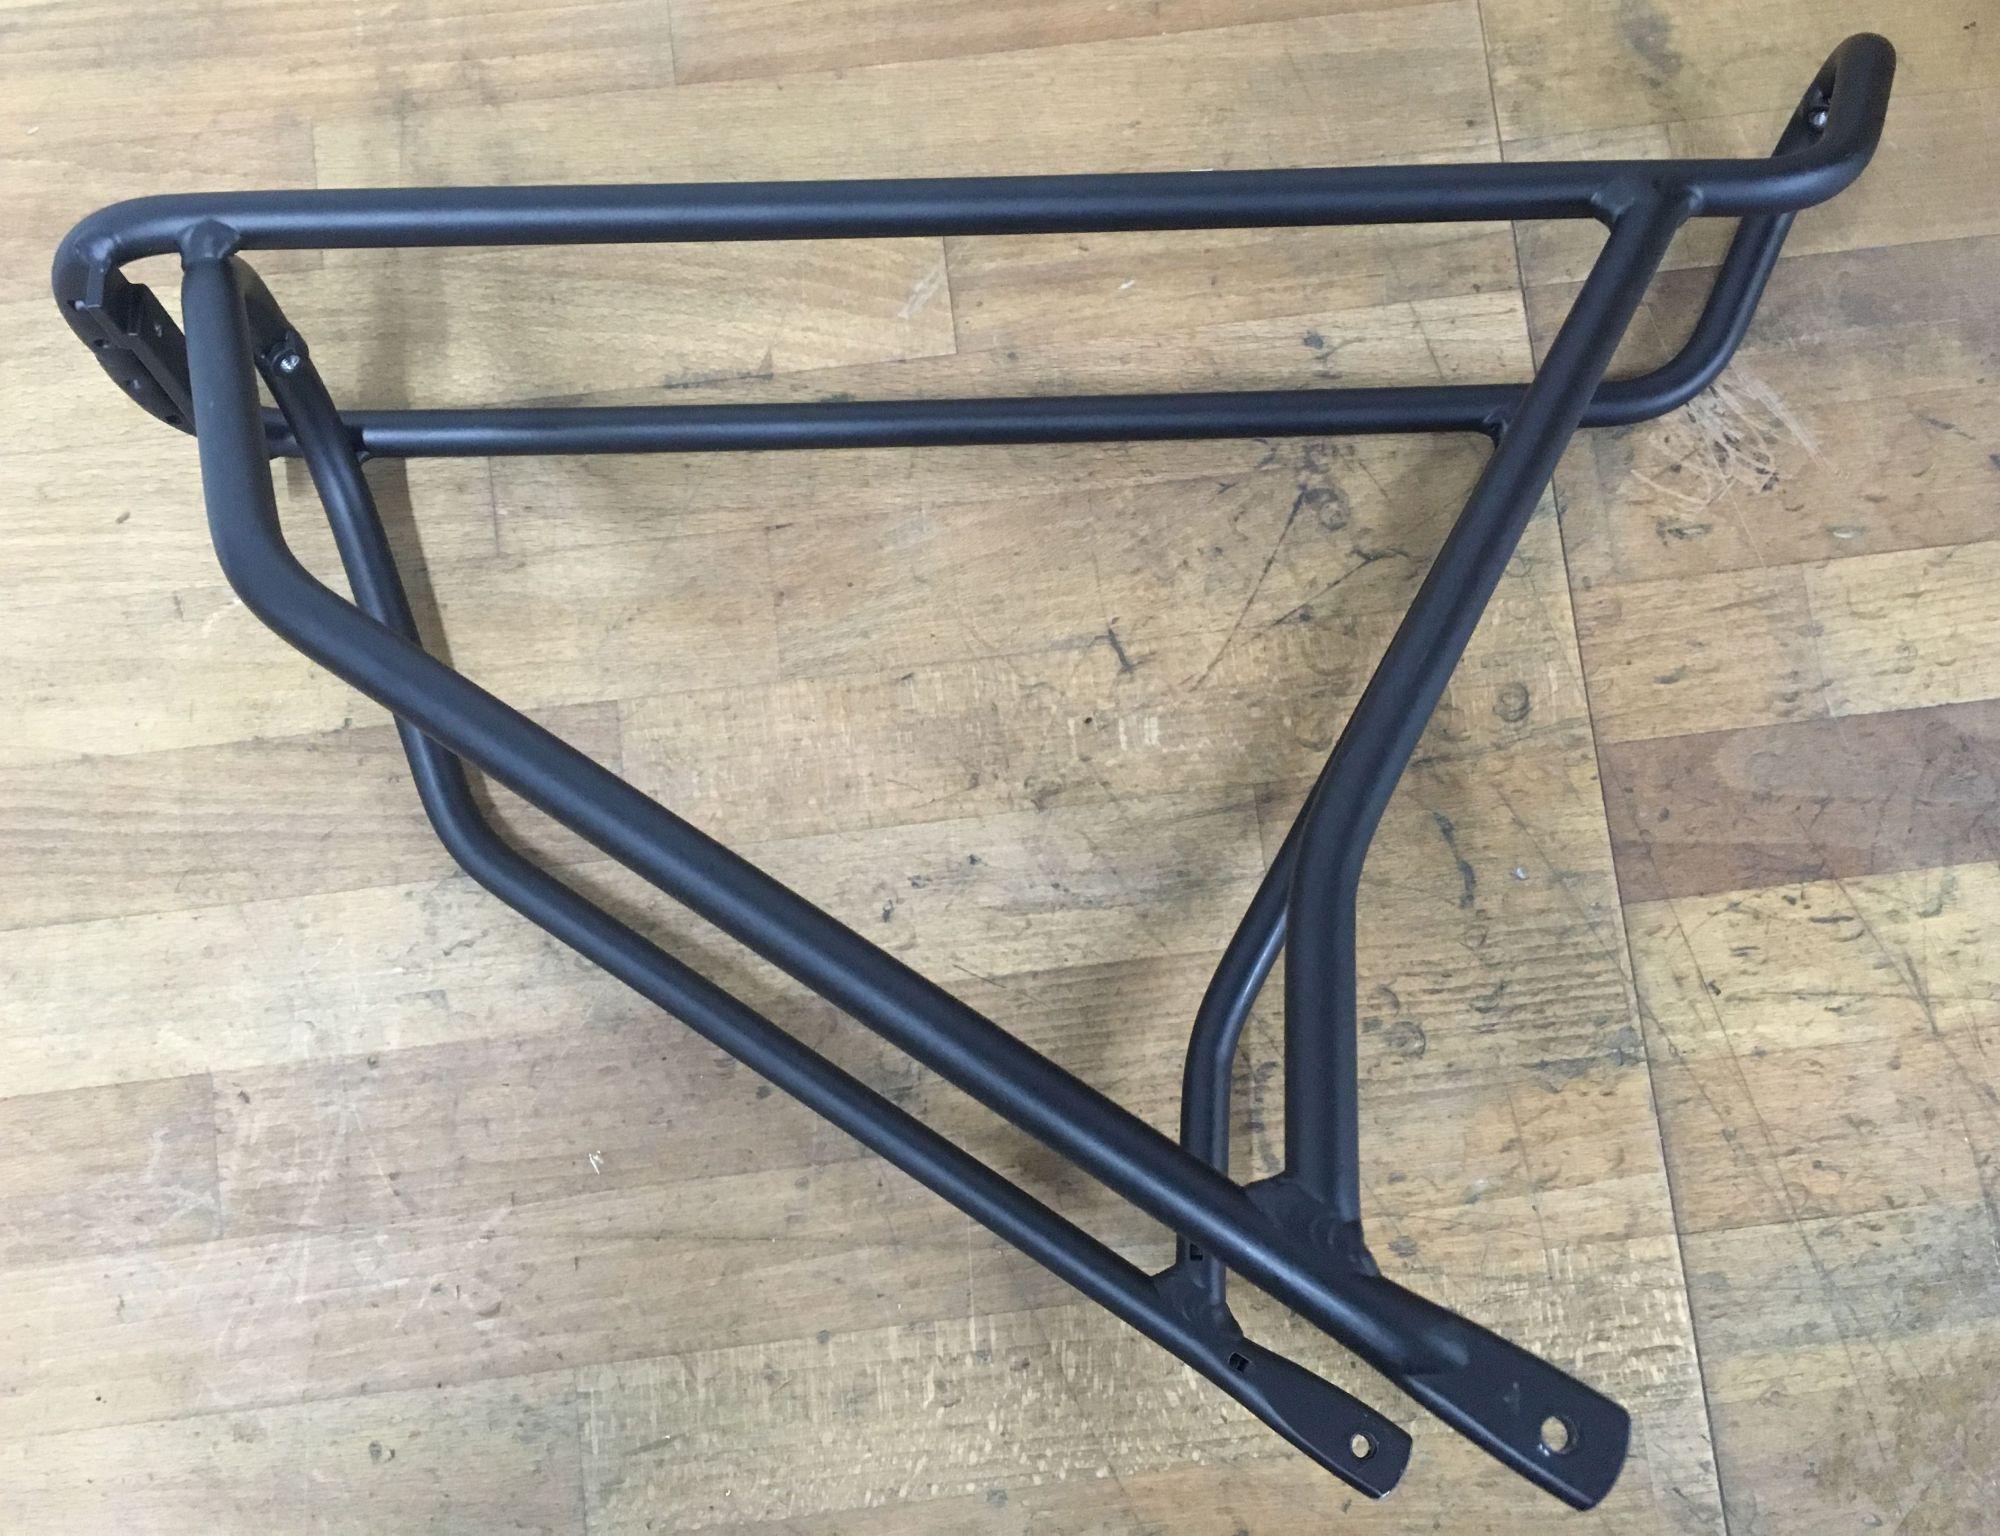 Fahrradteile/Gepäckträger: Standwell  Hinterrad-Gepäckträger 28 Zoll für Daily GrinderUrbanSix50 28 Zoll